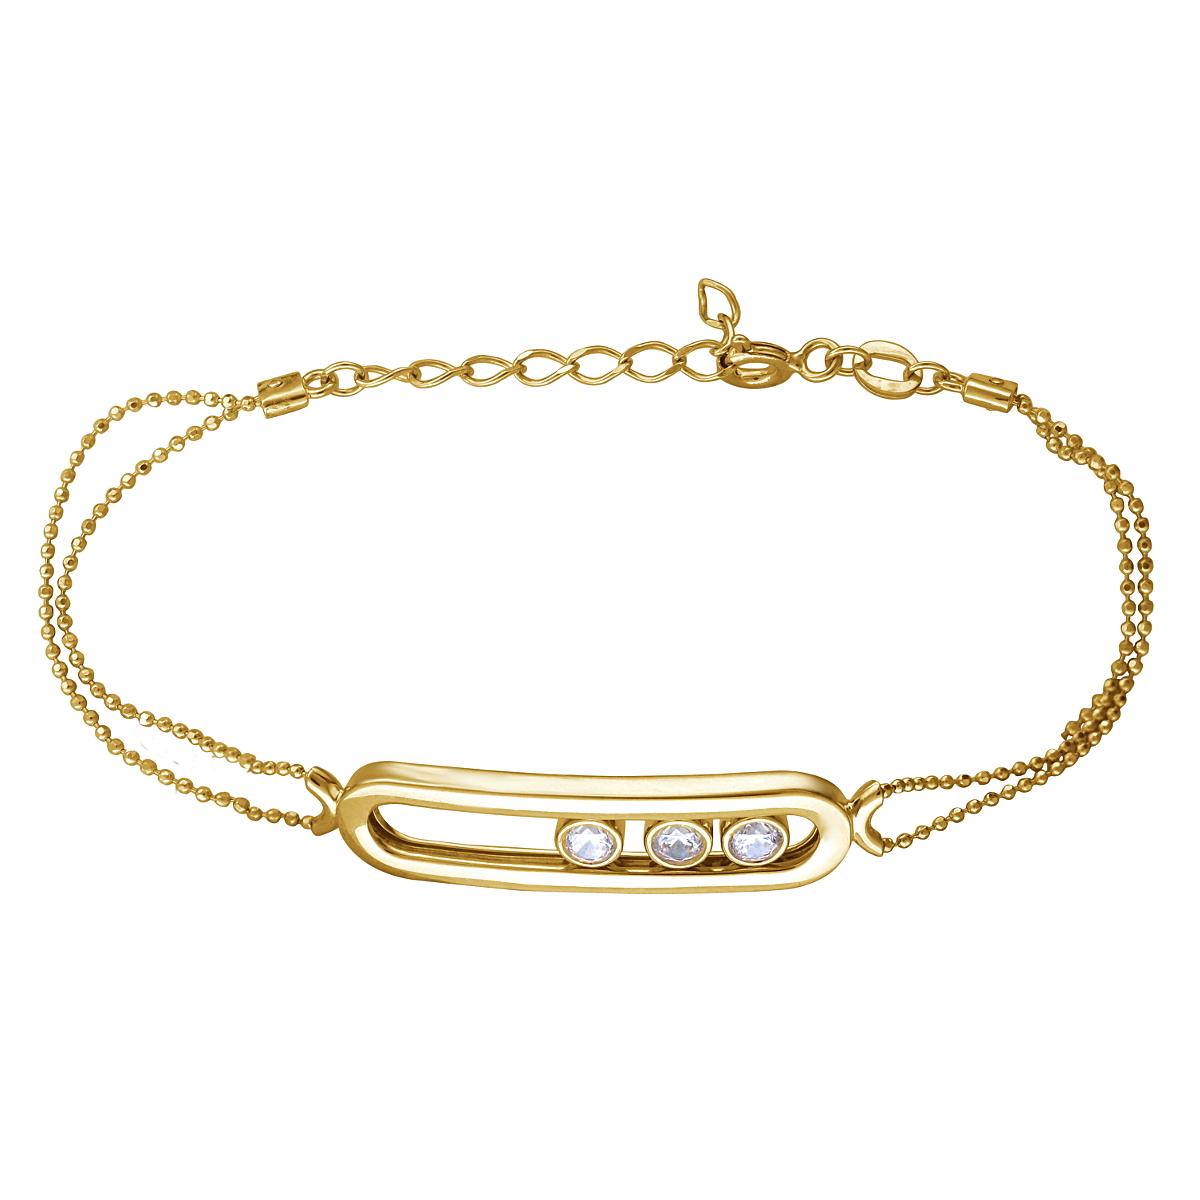 Браслет из лимонного золота с цирконием арт. 01б132623 01б132623